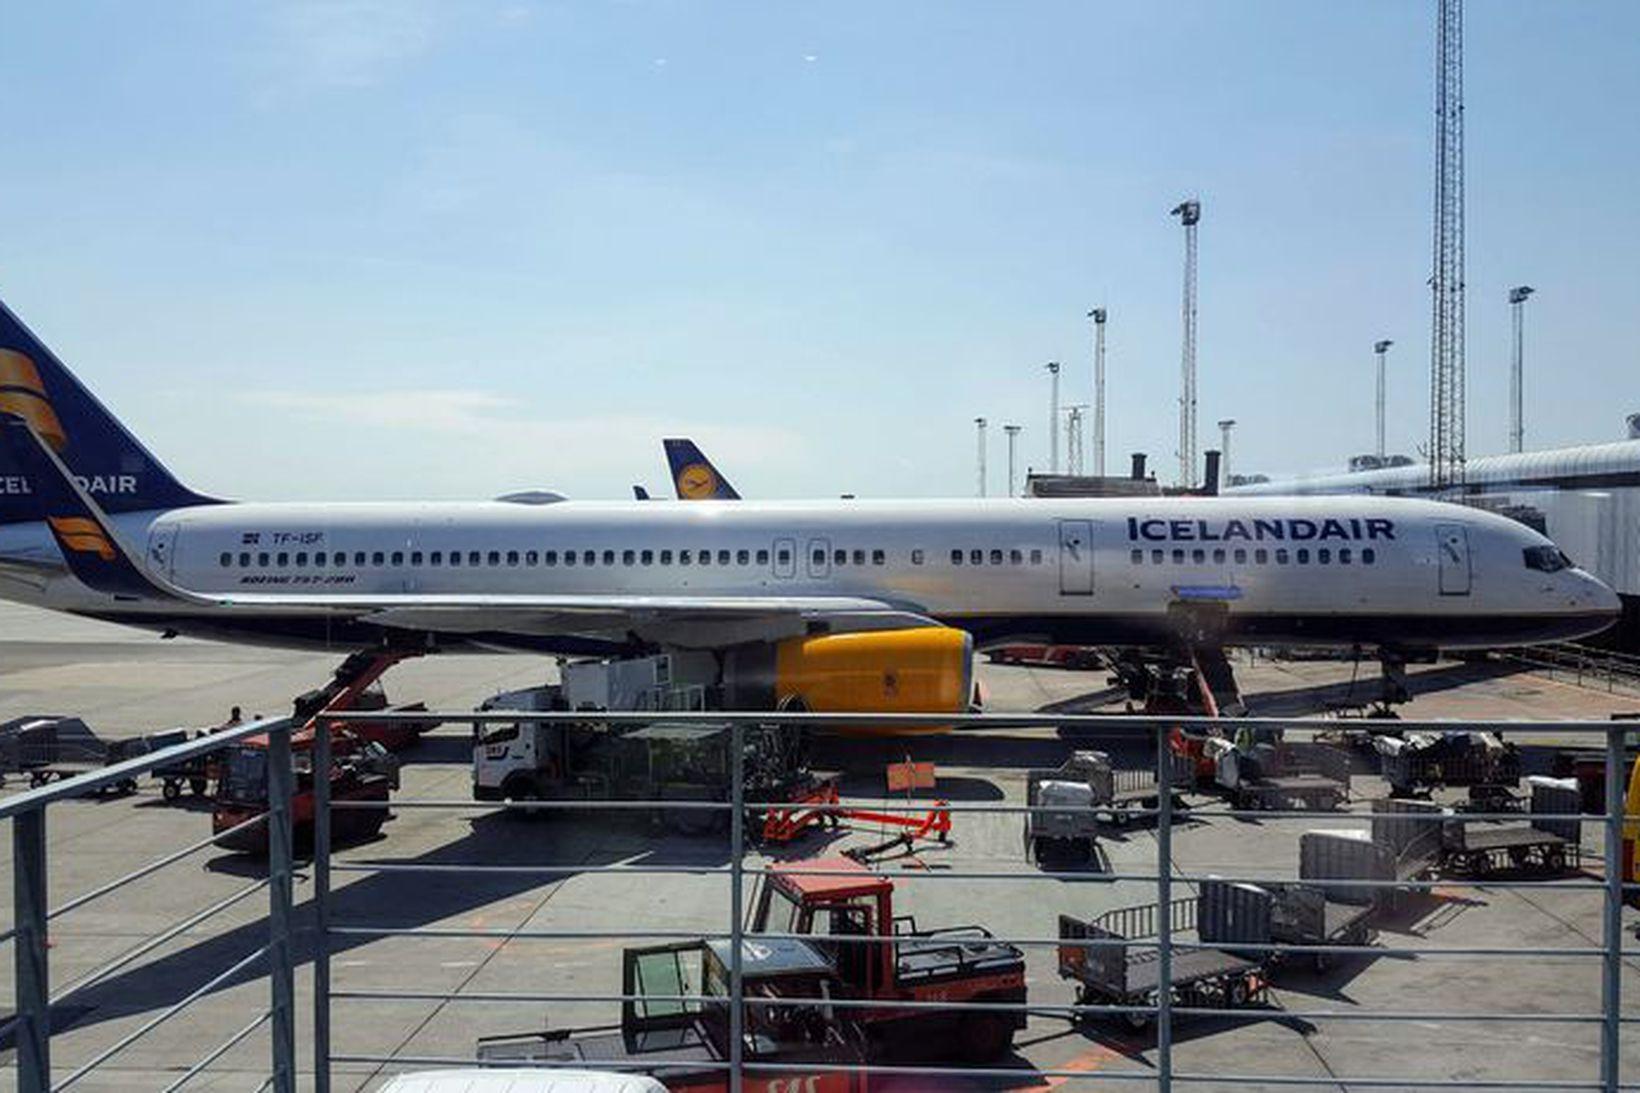 Vél Icelandair á Kastrup-flugvelli í Danmörku. Mynd úr safni.